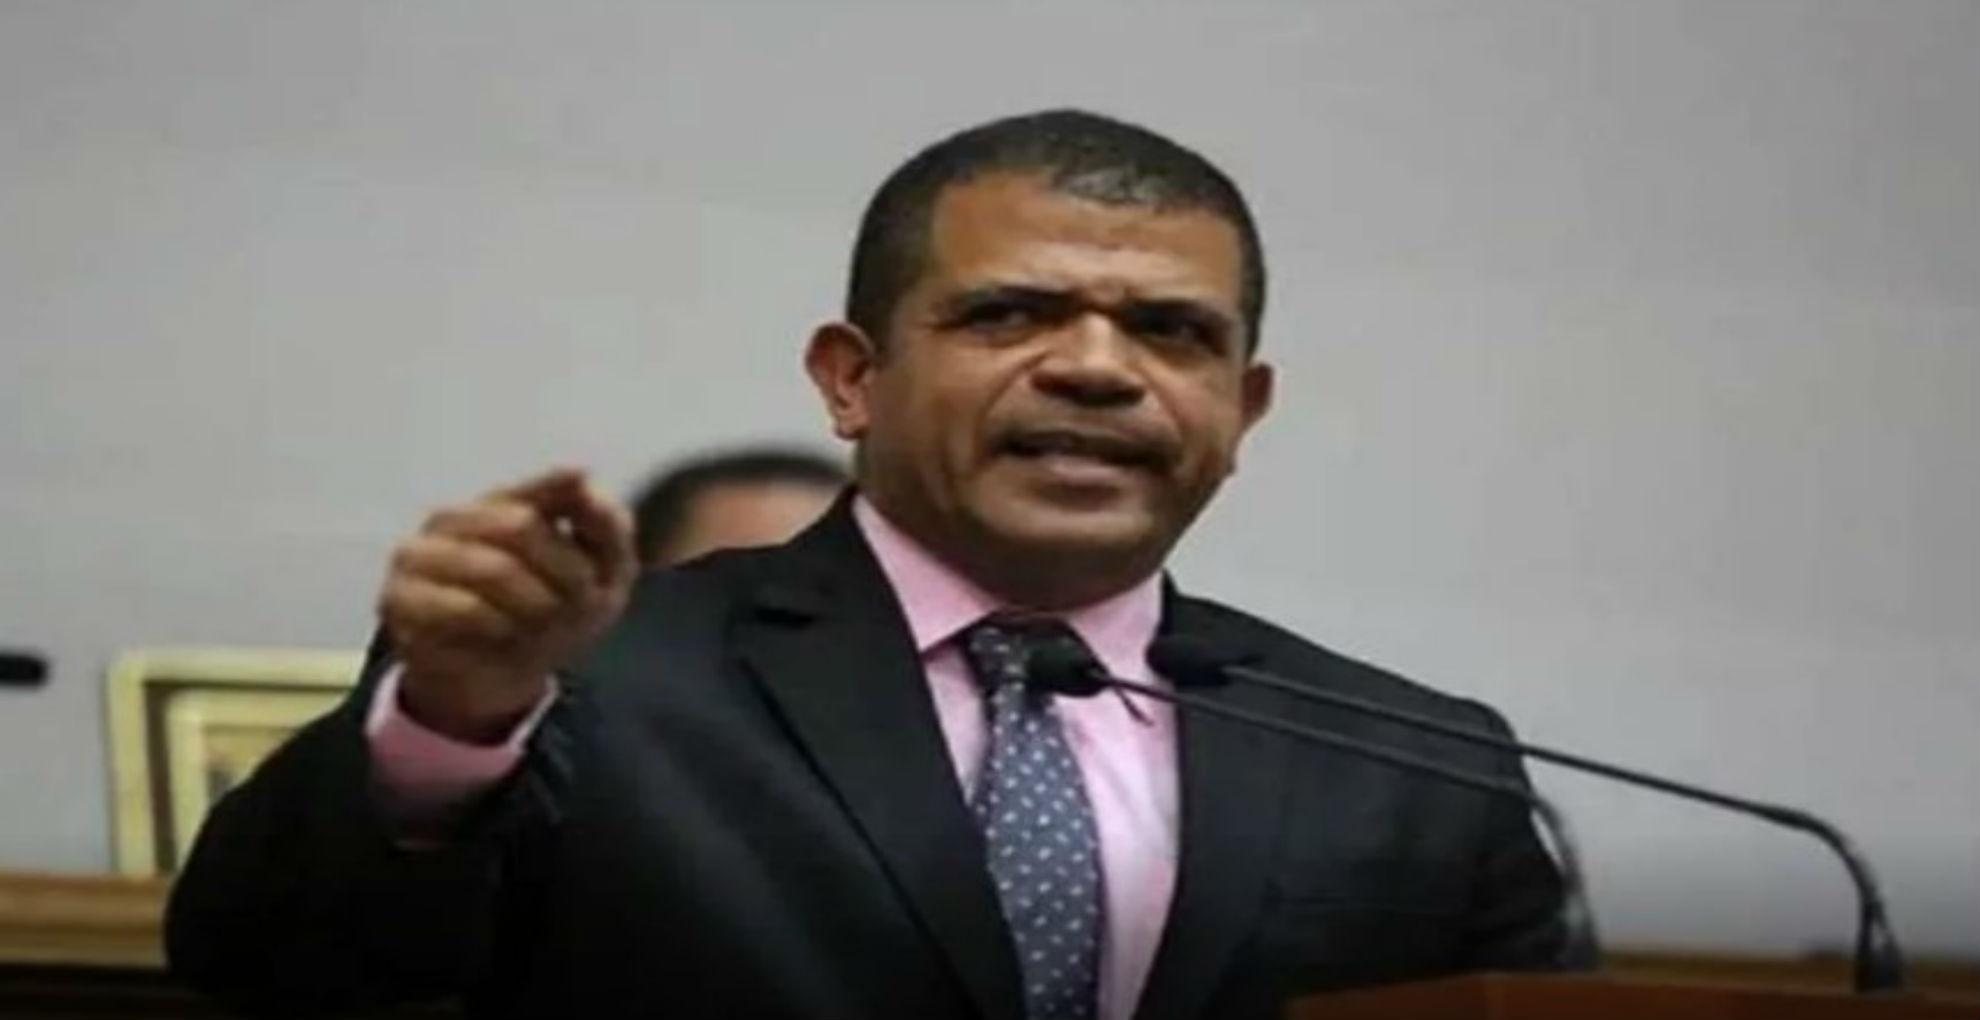 Millones de dólares en efectivo les ofrecieron a los diputados con la Operación Alacrán